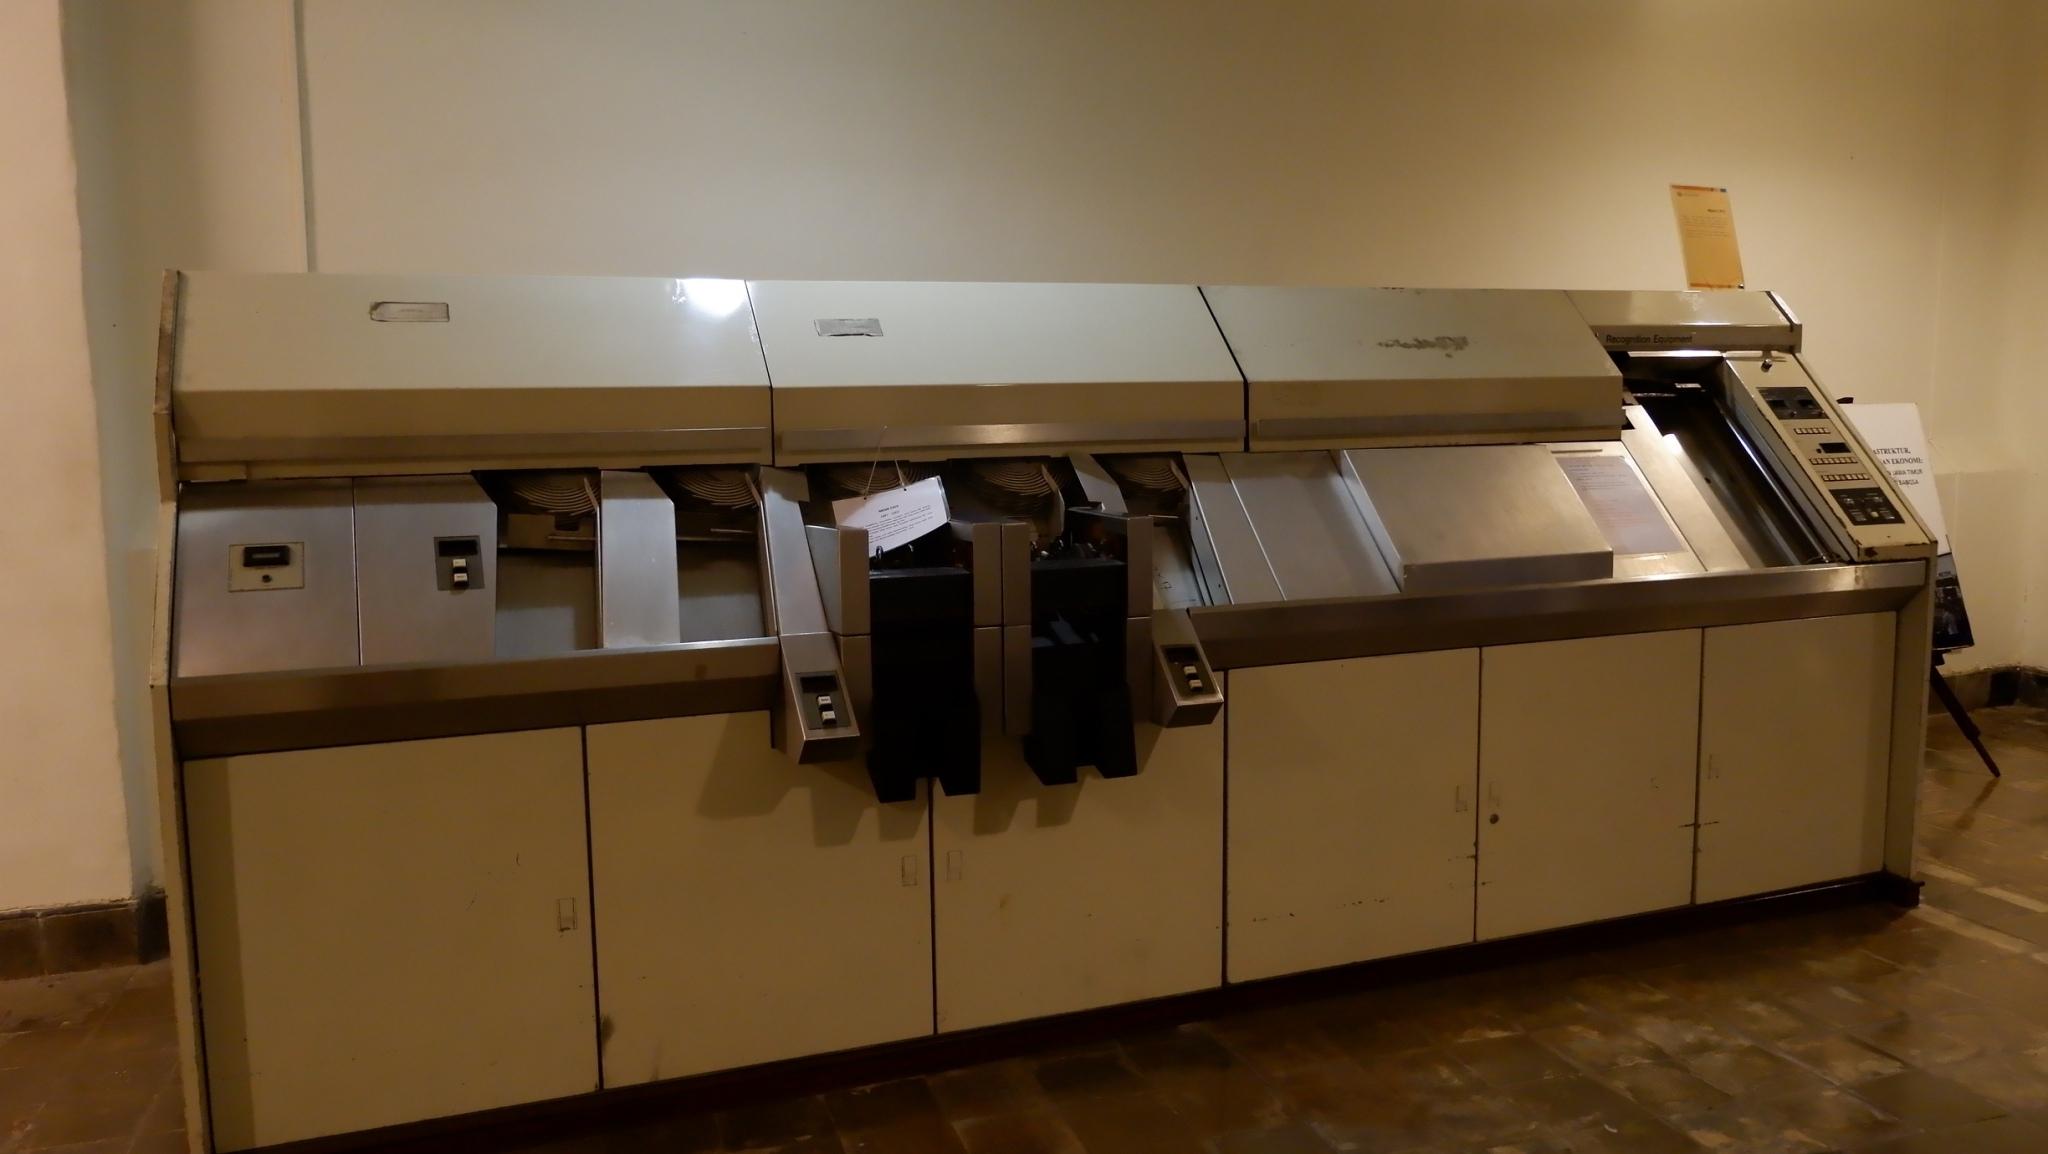 Salah satu mesin di De Javasche Bank   Foto: Atika Puji/GNFI